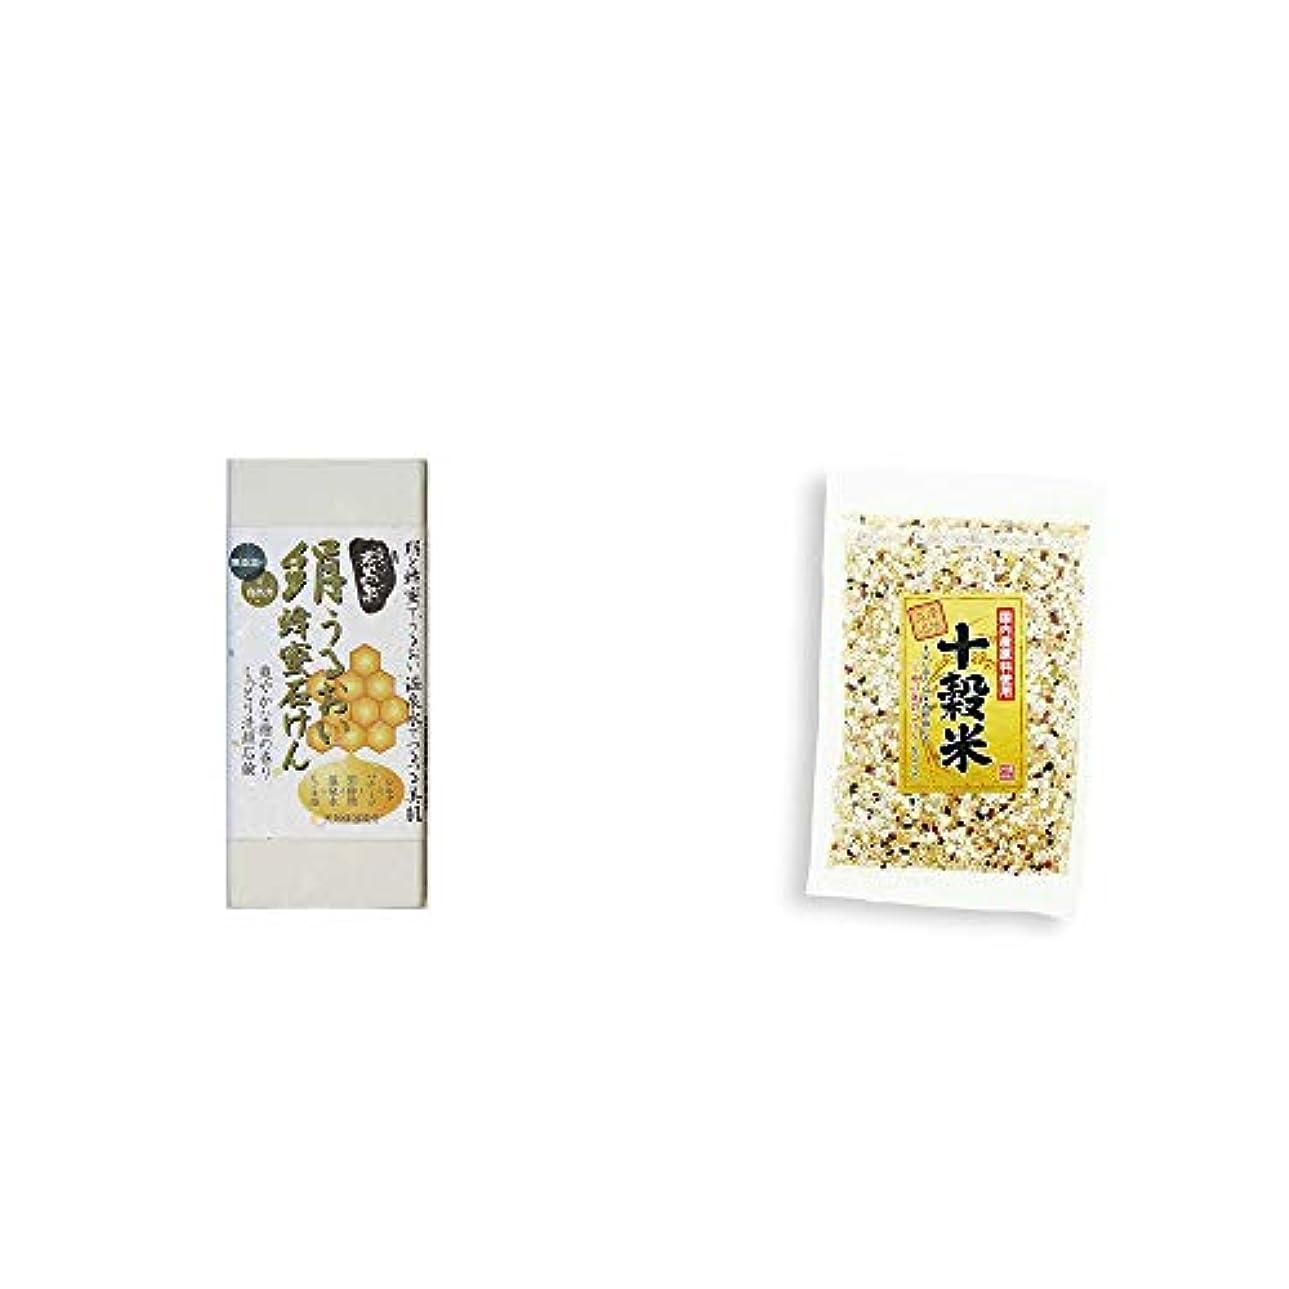 暗殺毒過度に[2点セット] ひのき炭黒泉 絹うるおい蜂蜜石けん(75g×2)?国産原料使用 十穀米(300g)